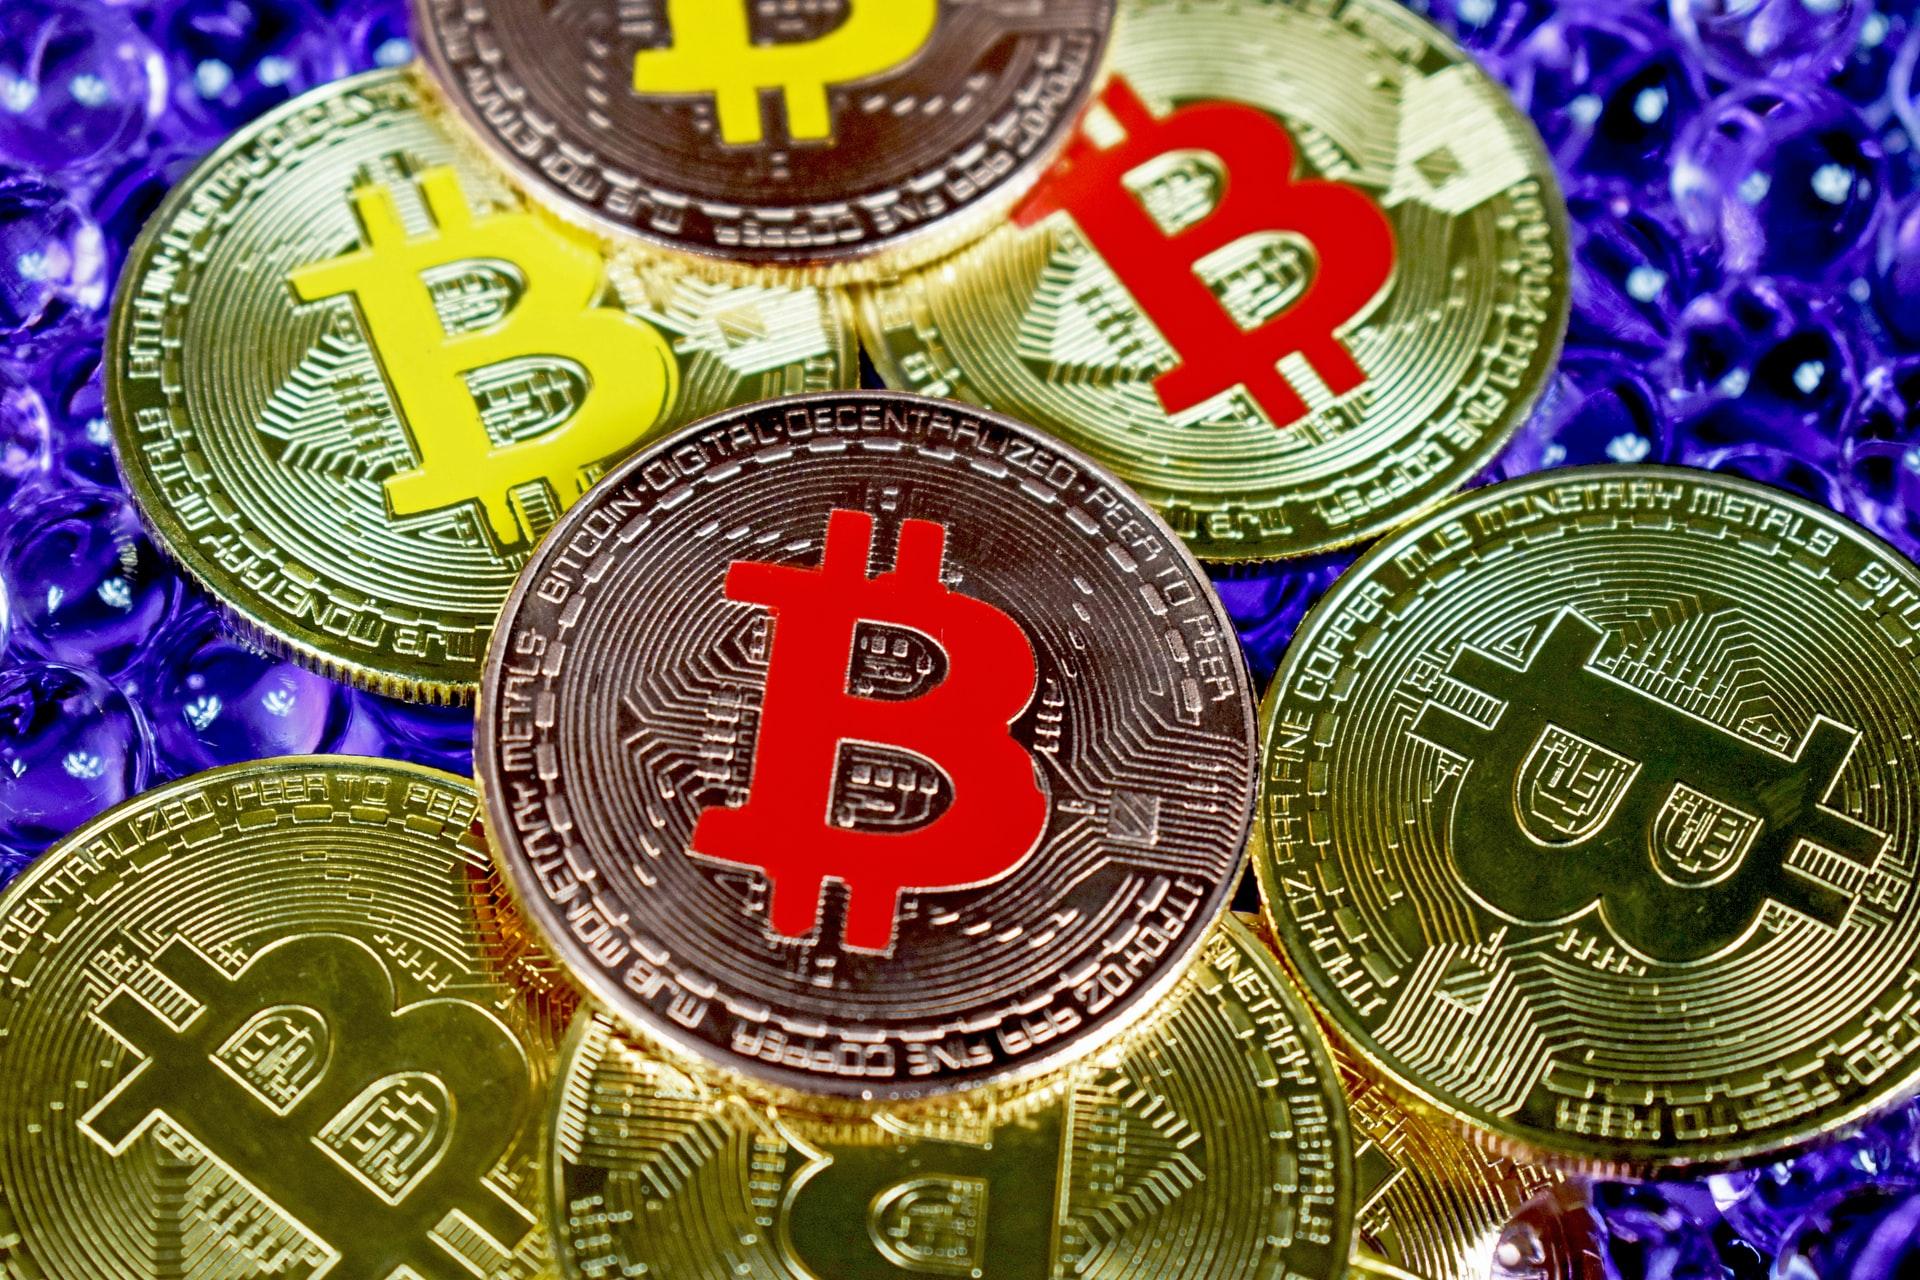 Morgan Stanley quiere permitir que 12 de sus fondos de inversión institucional tengan exposición a Bitcoin